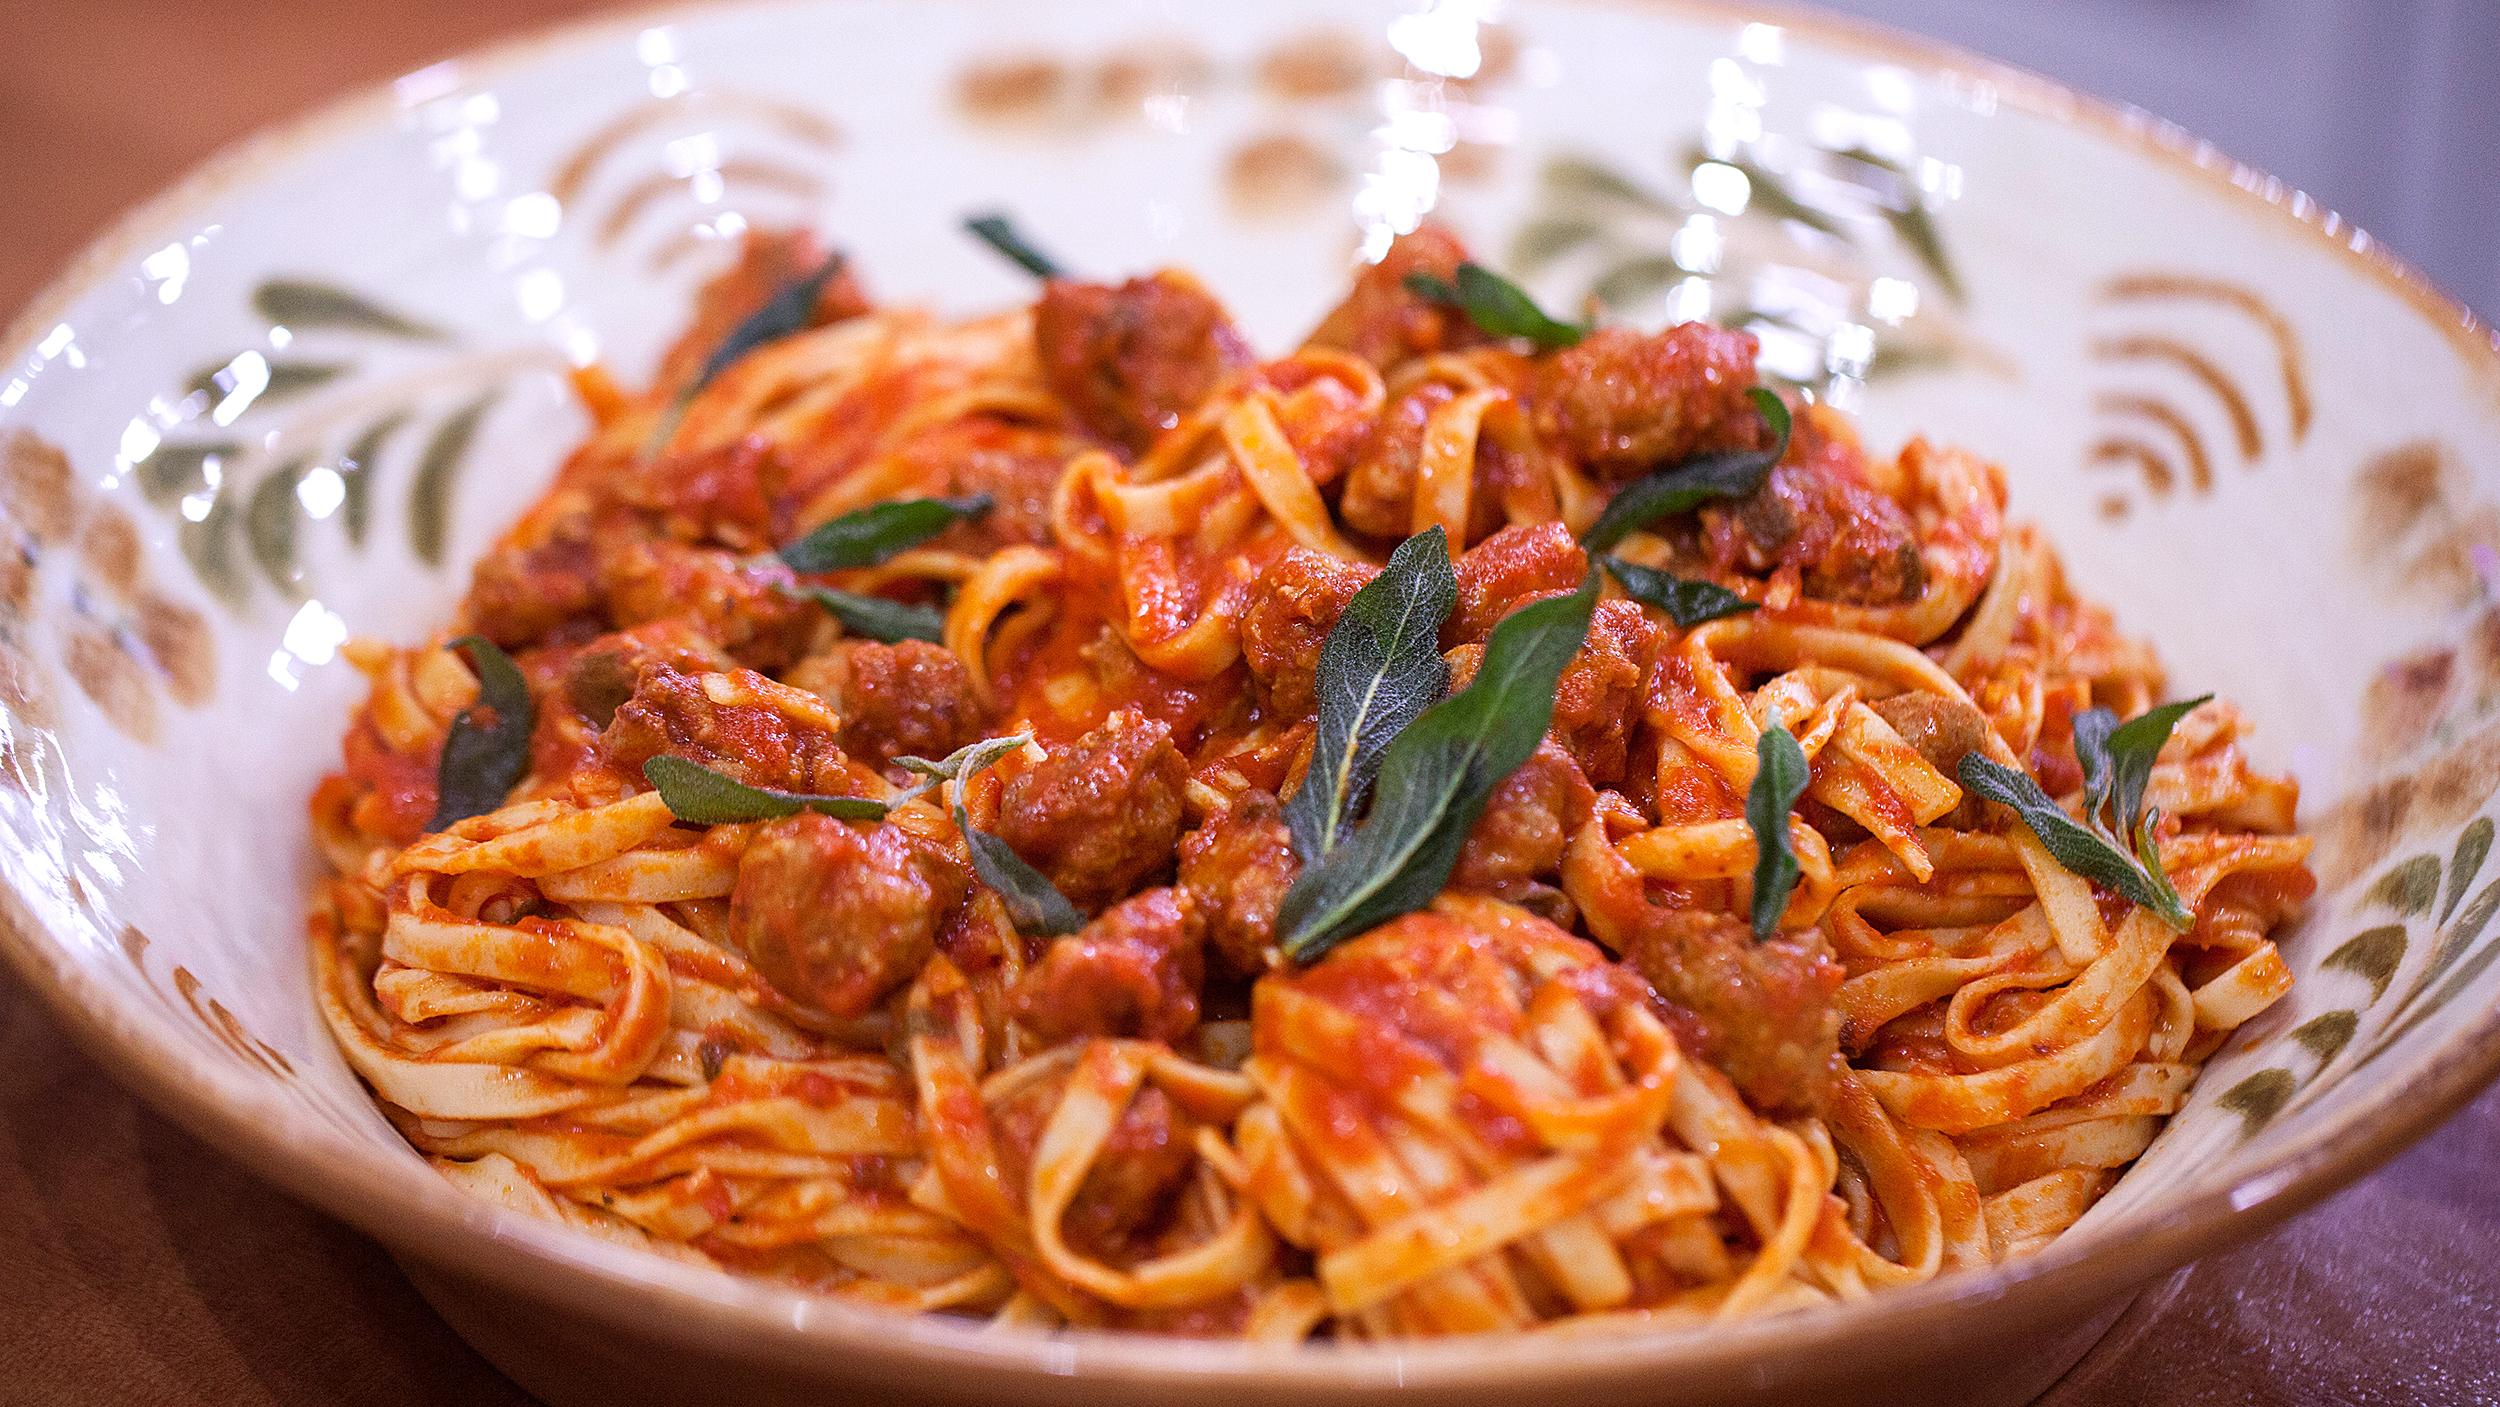 Italian Tasty Food Recipes